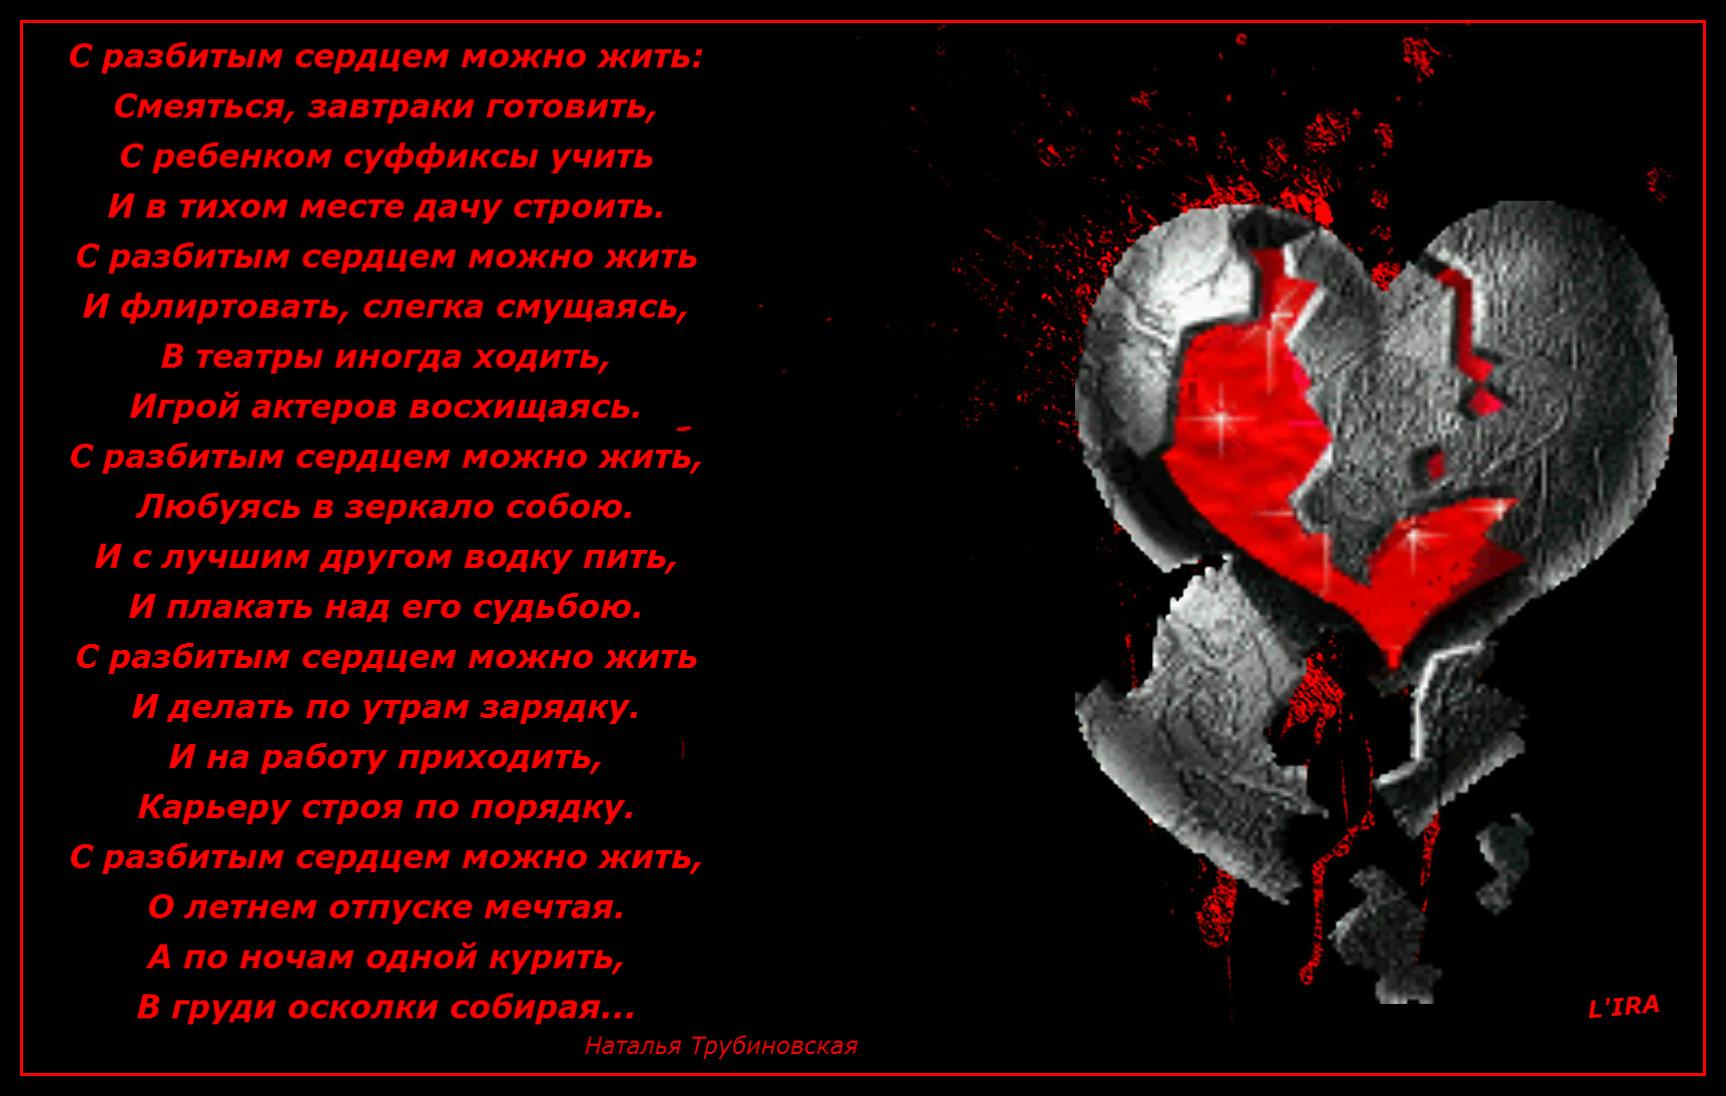 стихи на тему сердце новый шлейф можно